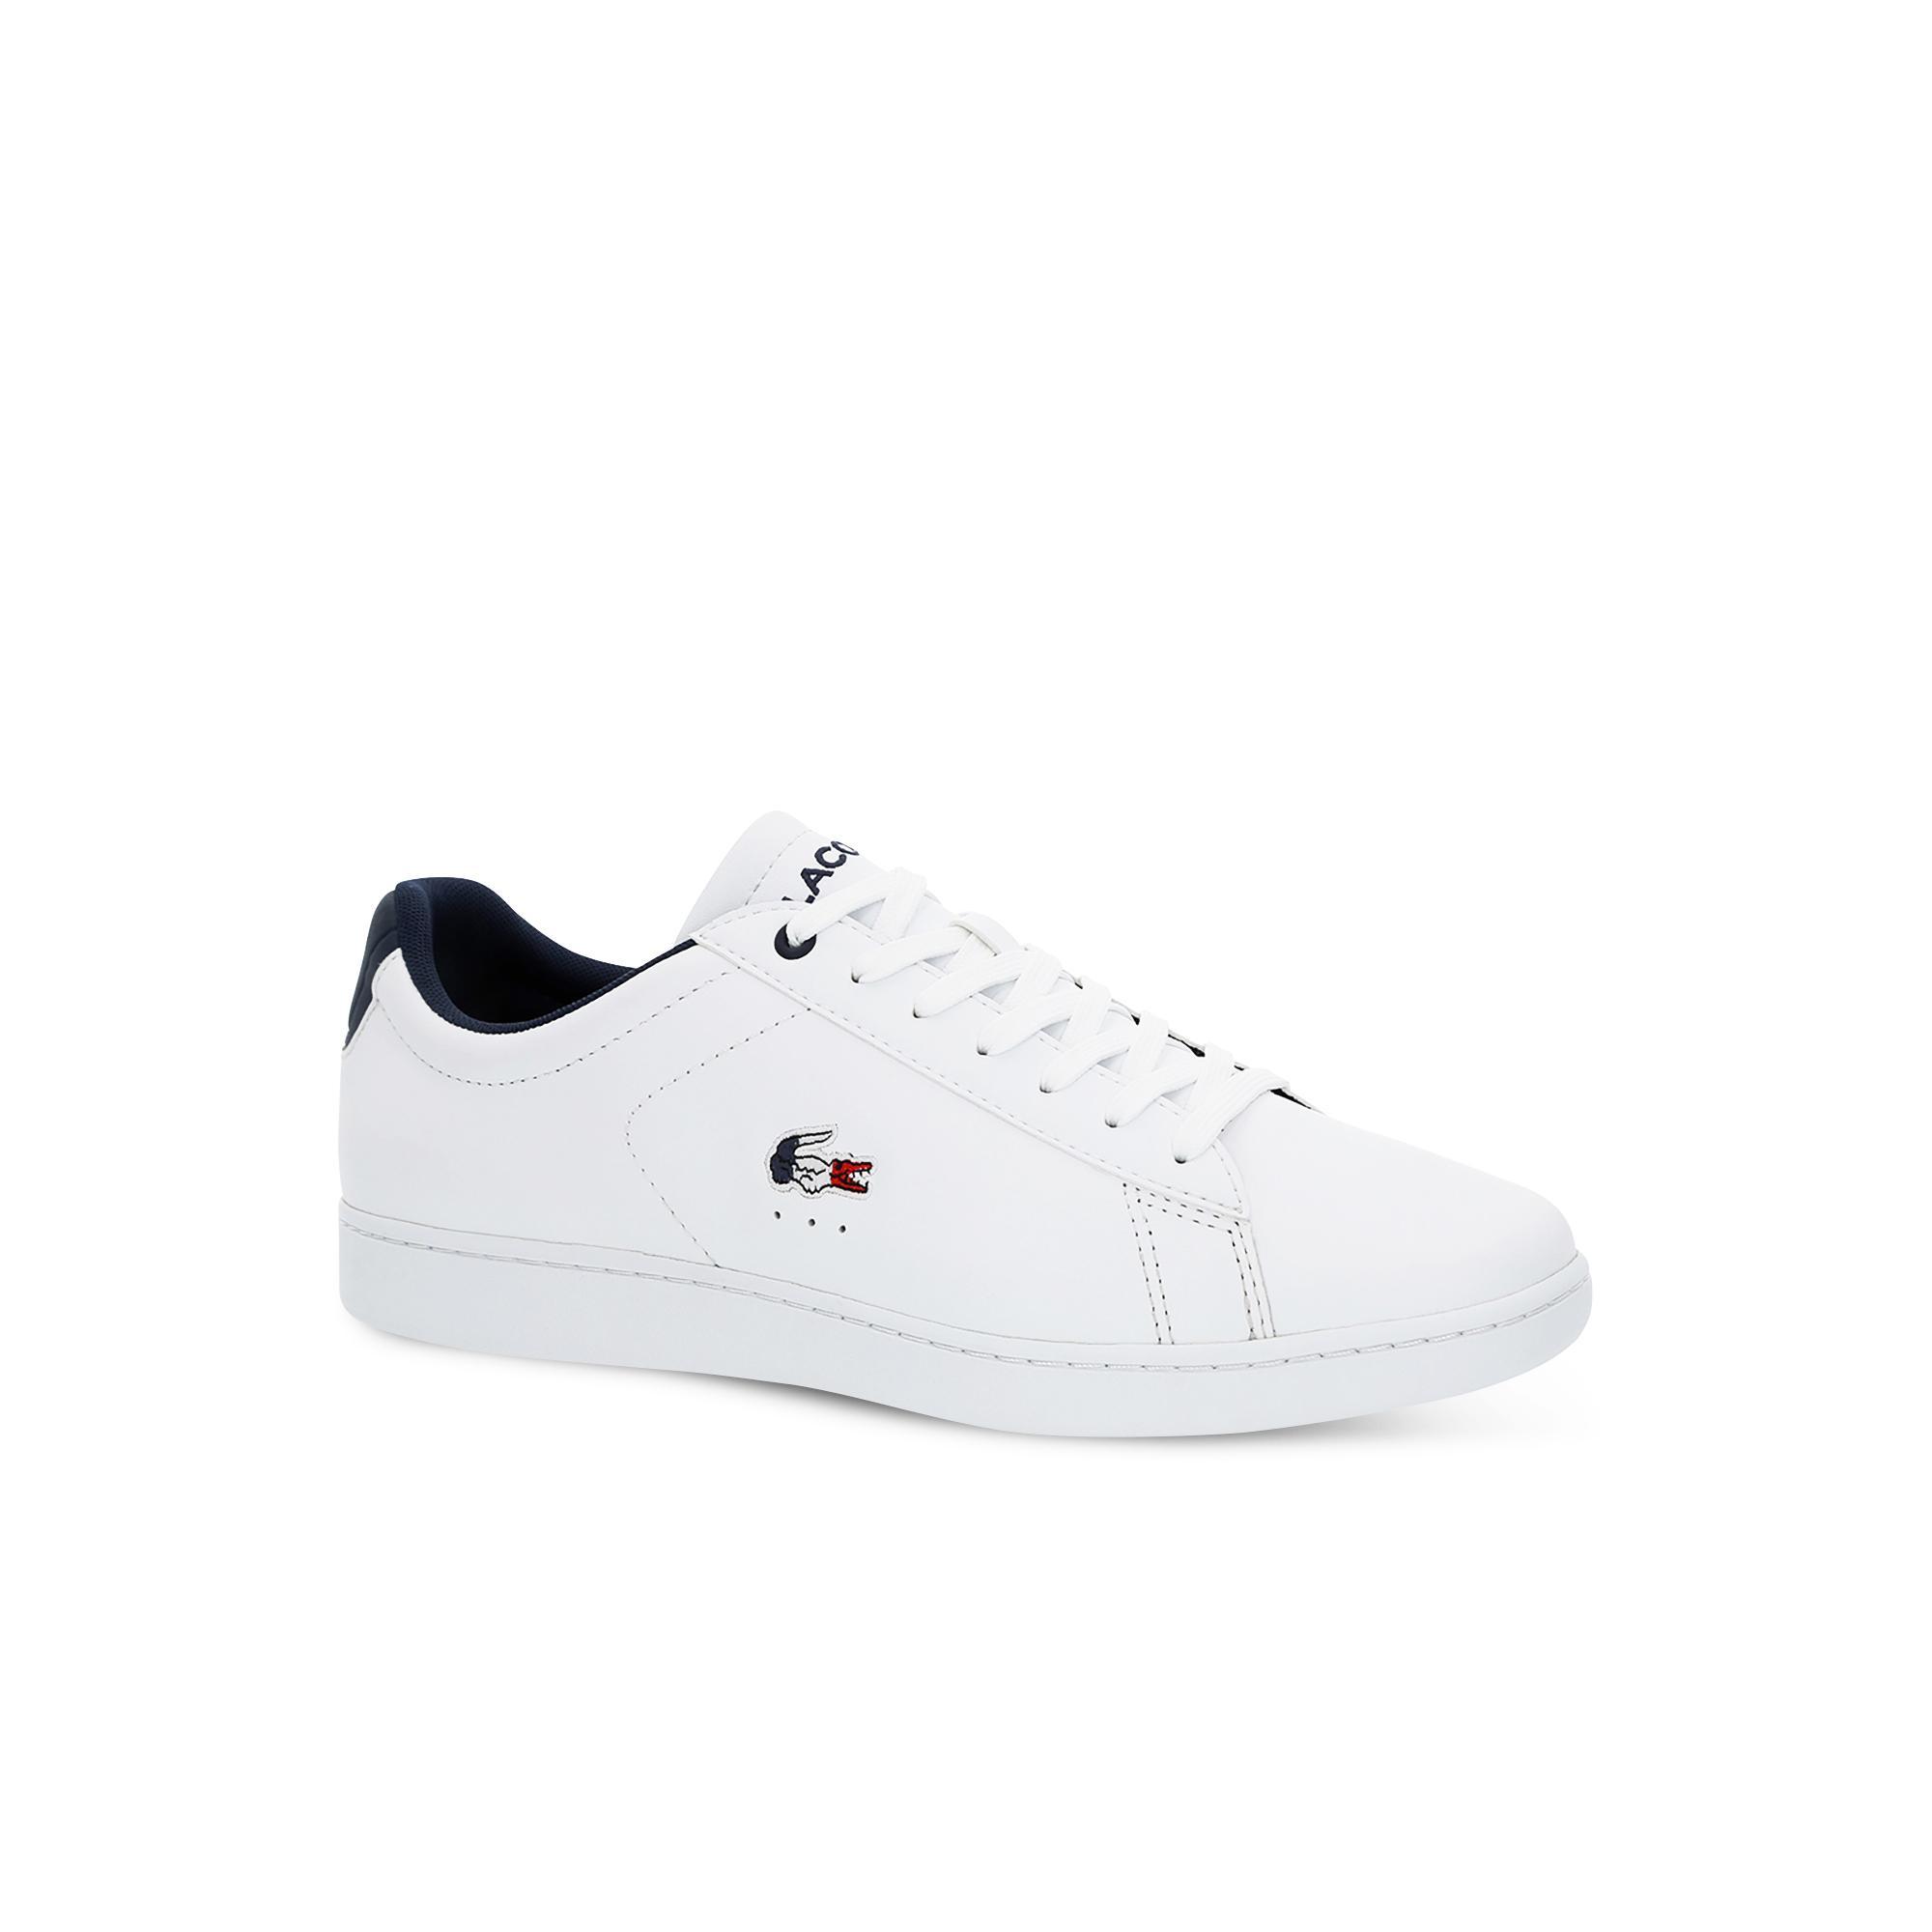 d50ad9b94 Lacoste Men's Shoes 737SMA0013 407 | lacoste.pl | Zakupy Online